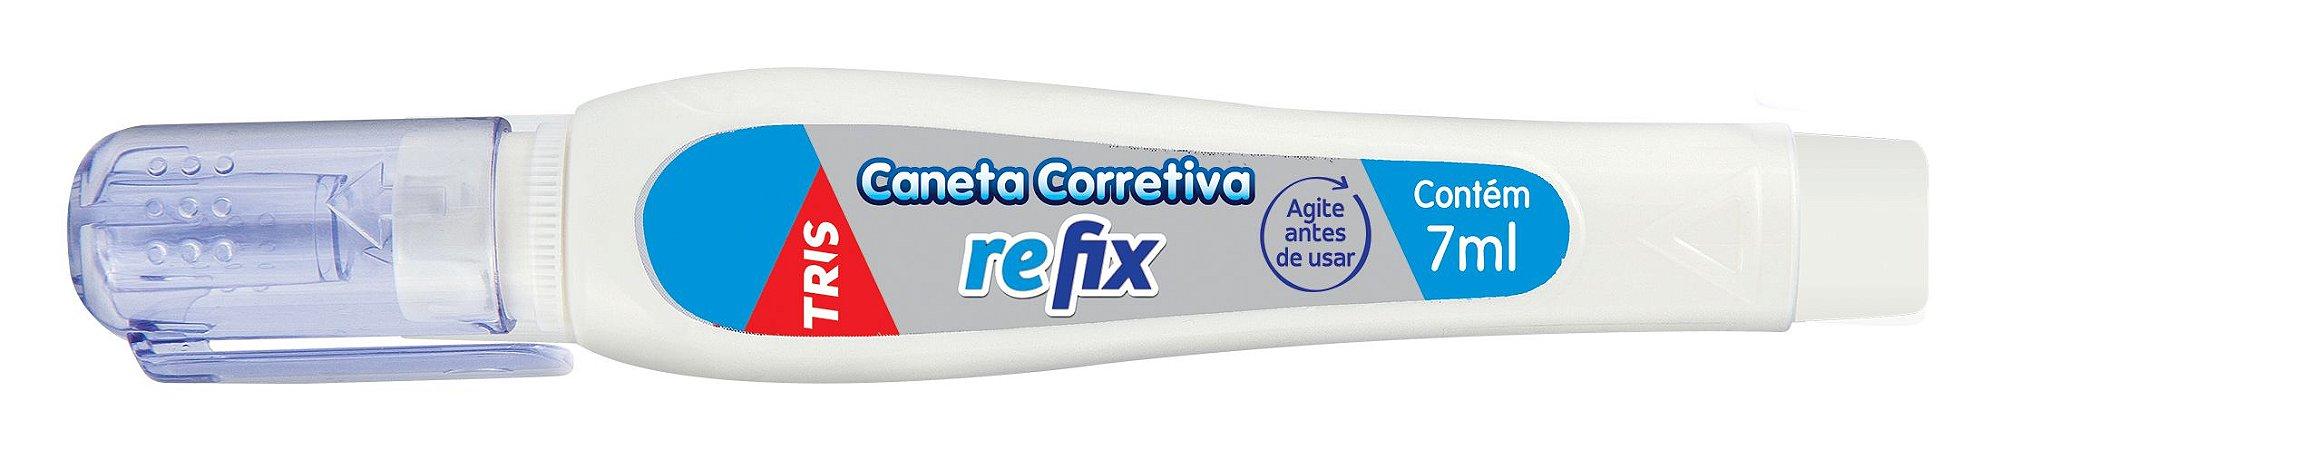 CANETA CORRETIVA REFIX 7ML TRIS